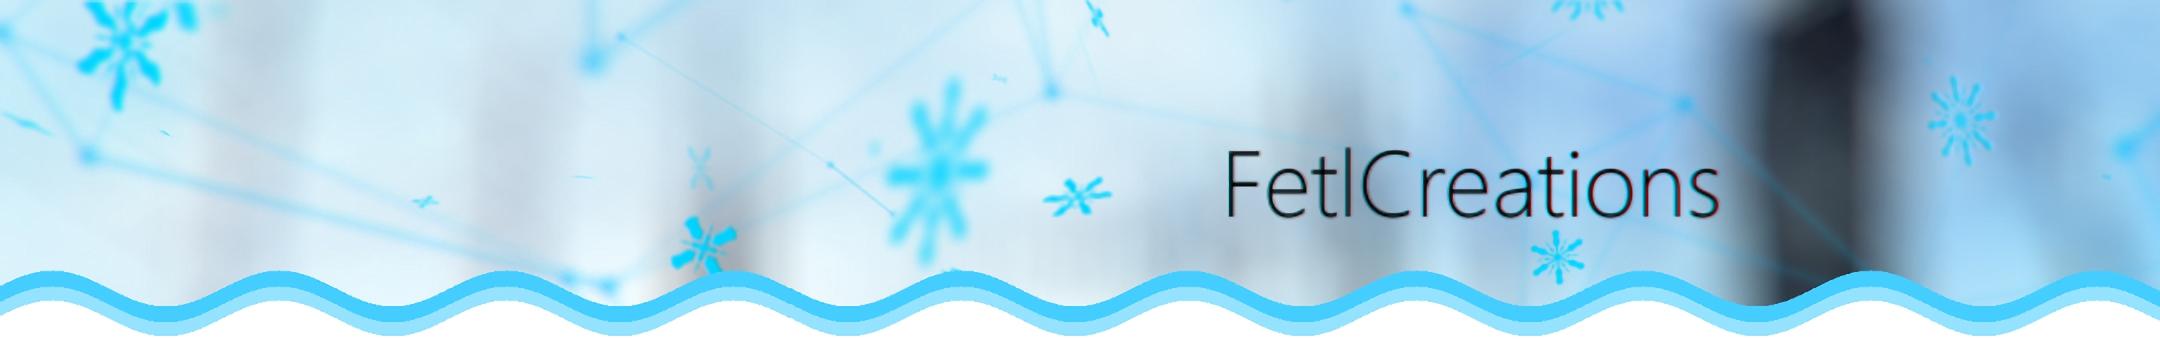 fetl_kicn banner